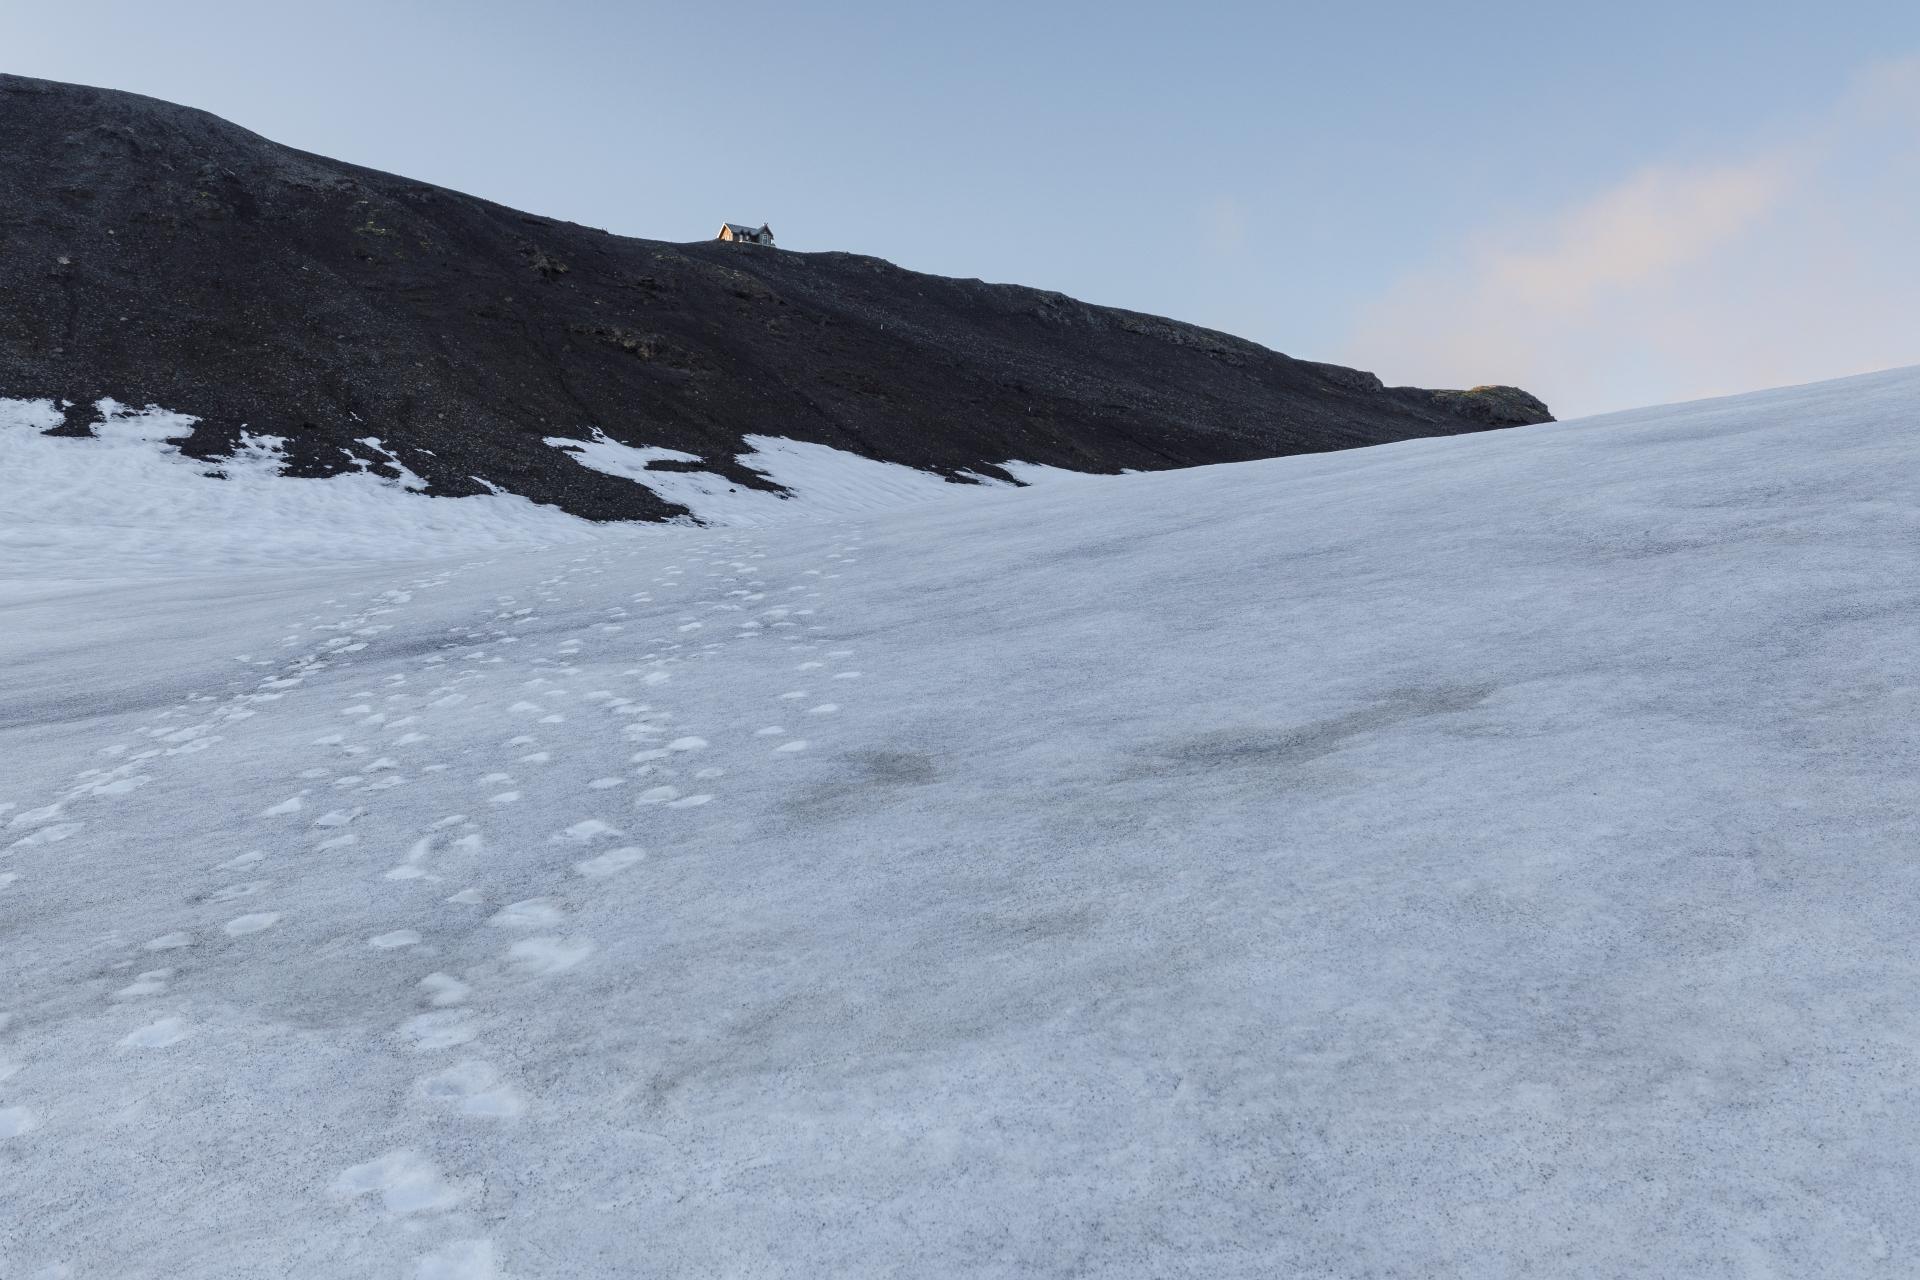 Ein letzter steiler Aufstieg zur Fimmvörðuskáli